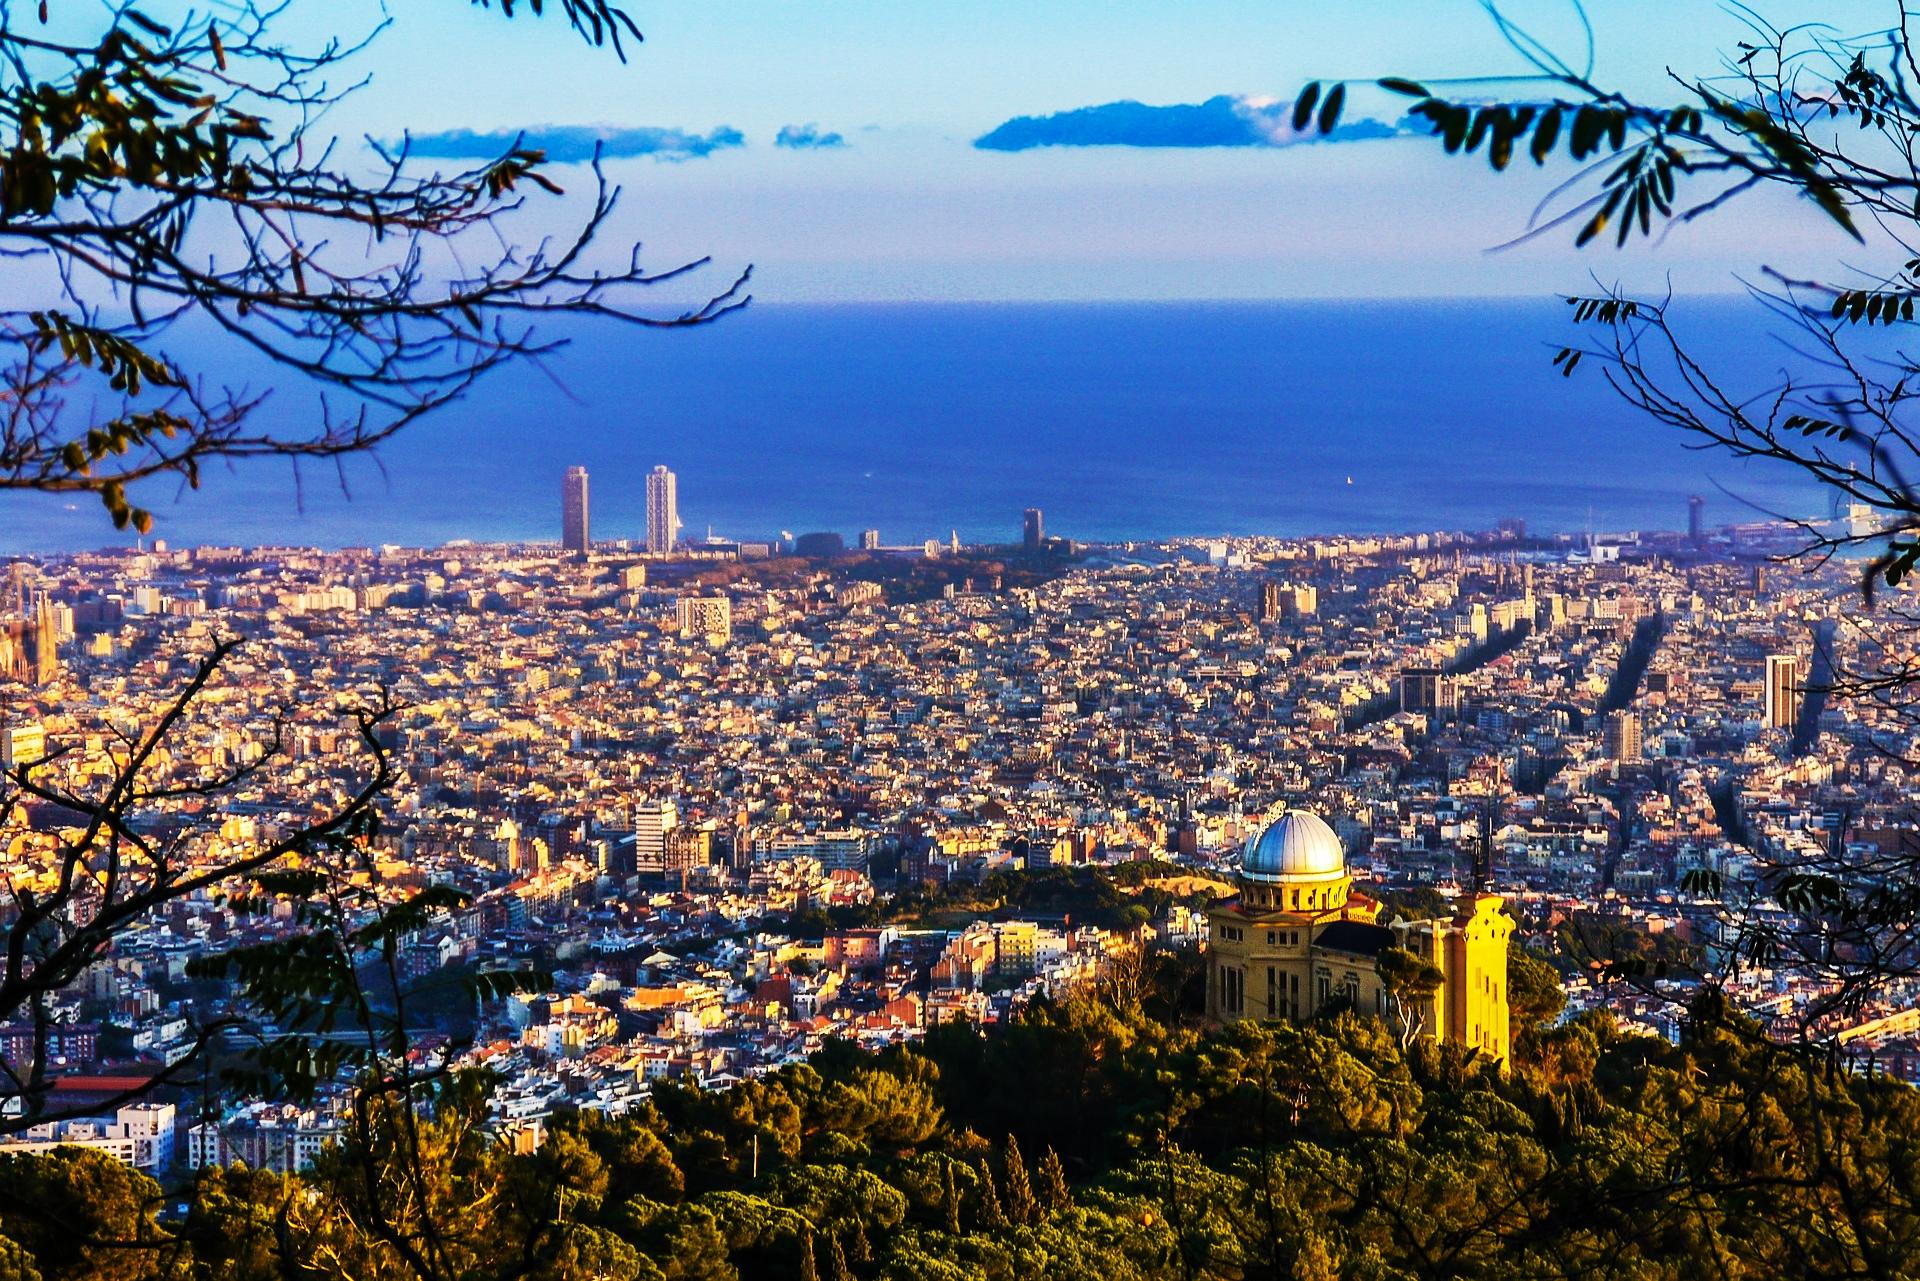 Vistas de Barcelona y el mar, desde el Tibidabo. Fuente: Barnes International